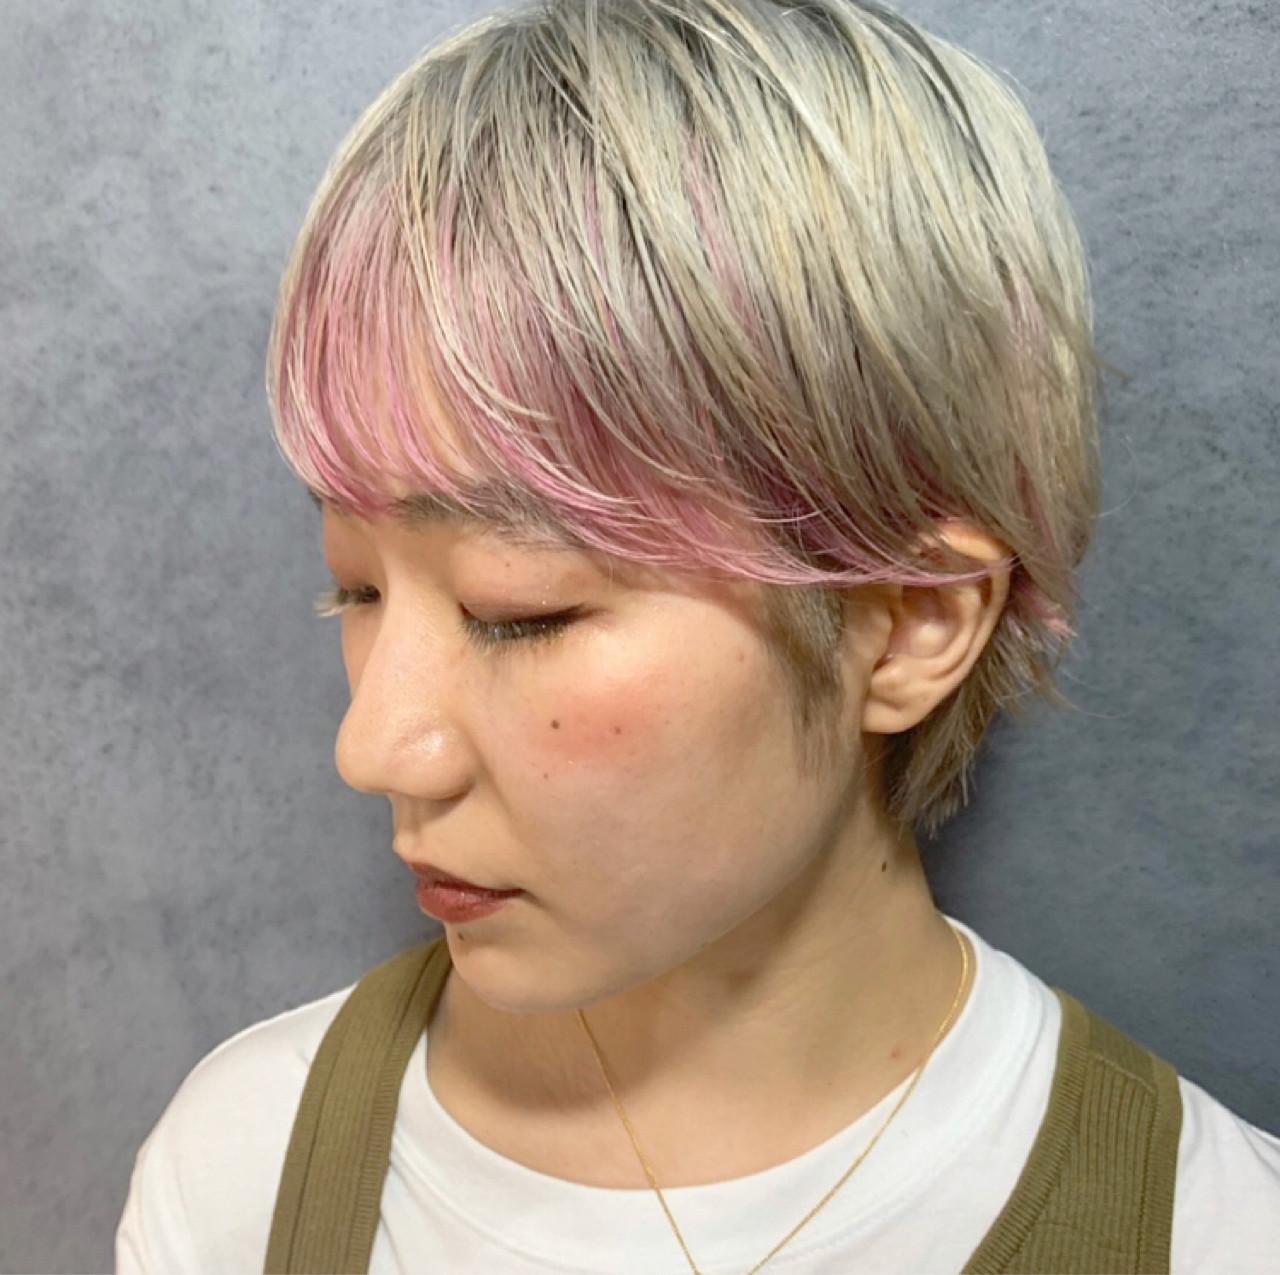 インナーカラー 前髪インナーカラー ピンクカラー ストリート ヘアスタイルや髪型の写真・画像